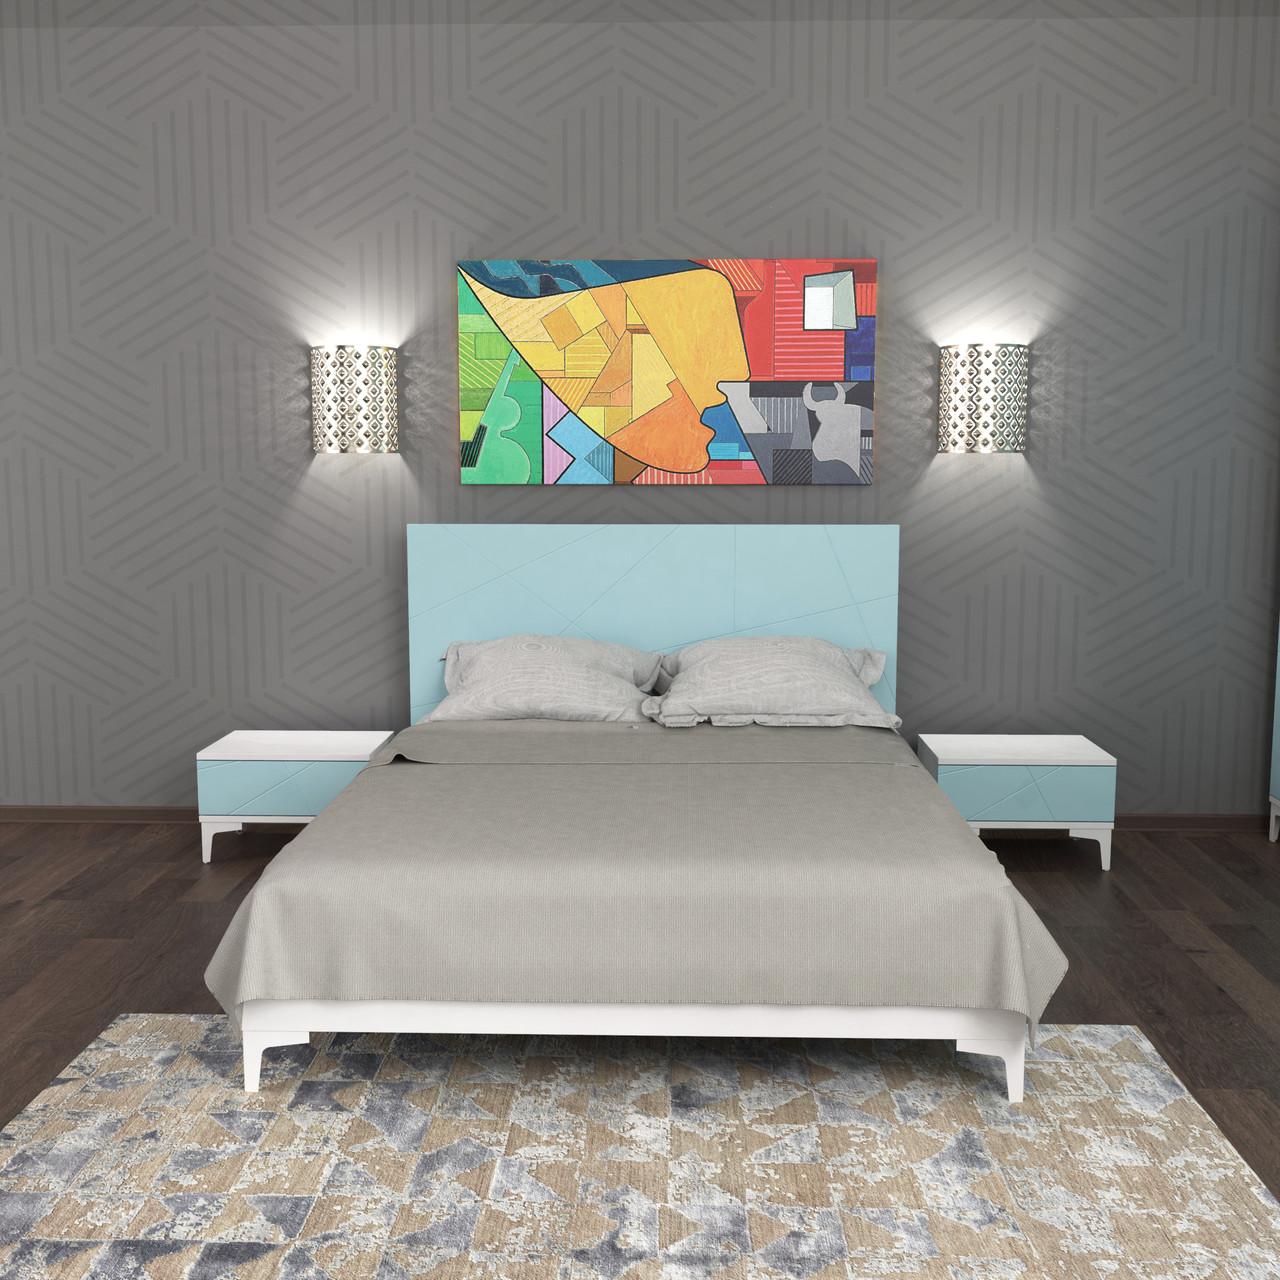 Спальний комплект Picassa b2 БЛАКИТНА ЛАГУНА